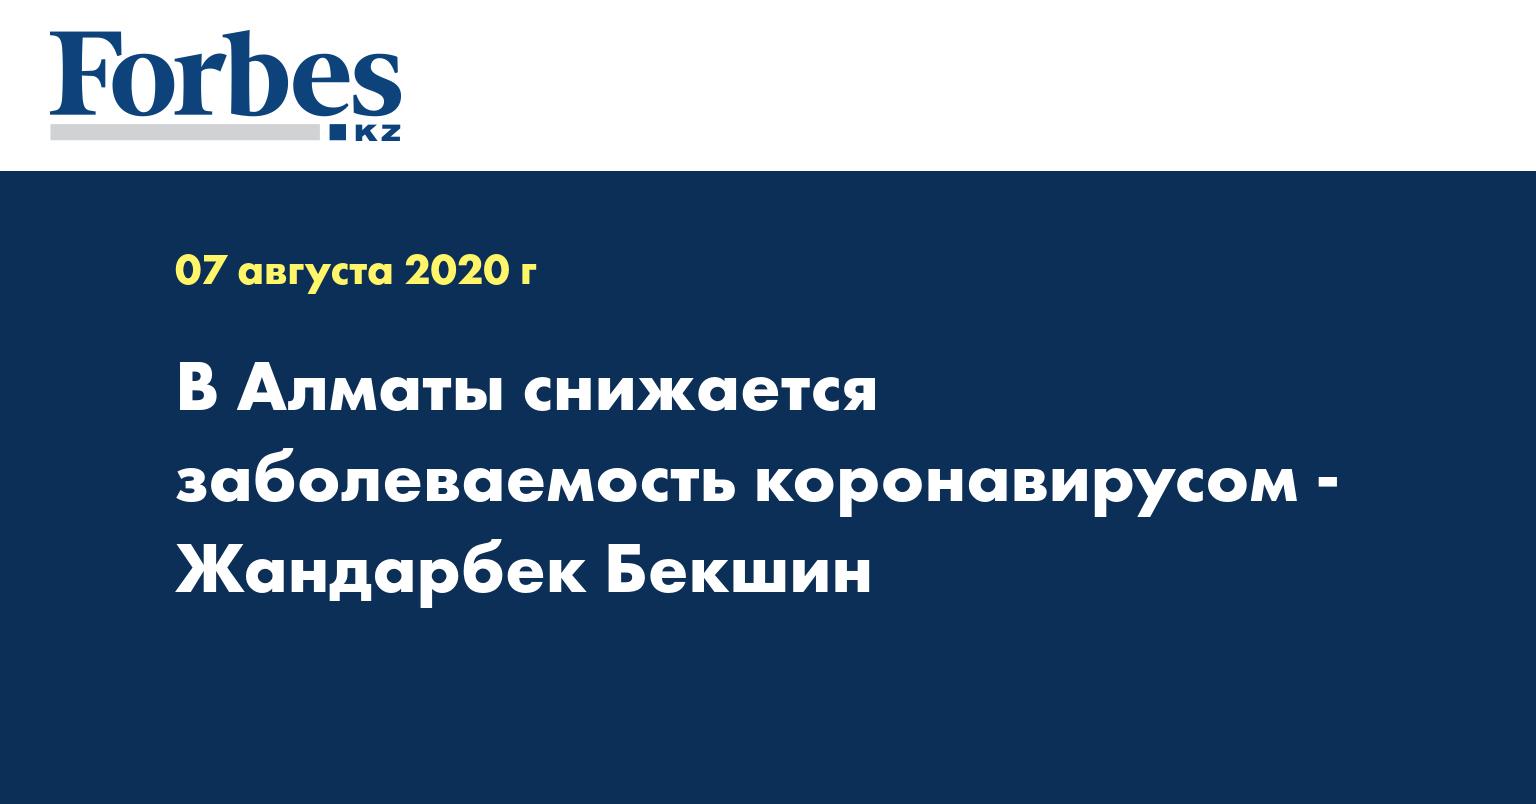 В Алматы снижается заболеваемость коронавирусом - Жандарбек Бекшин